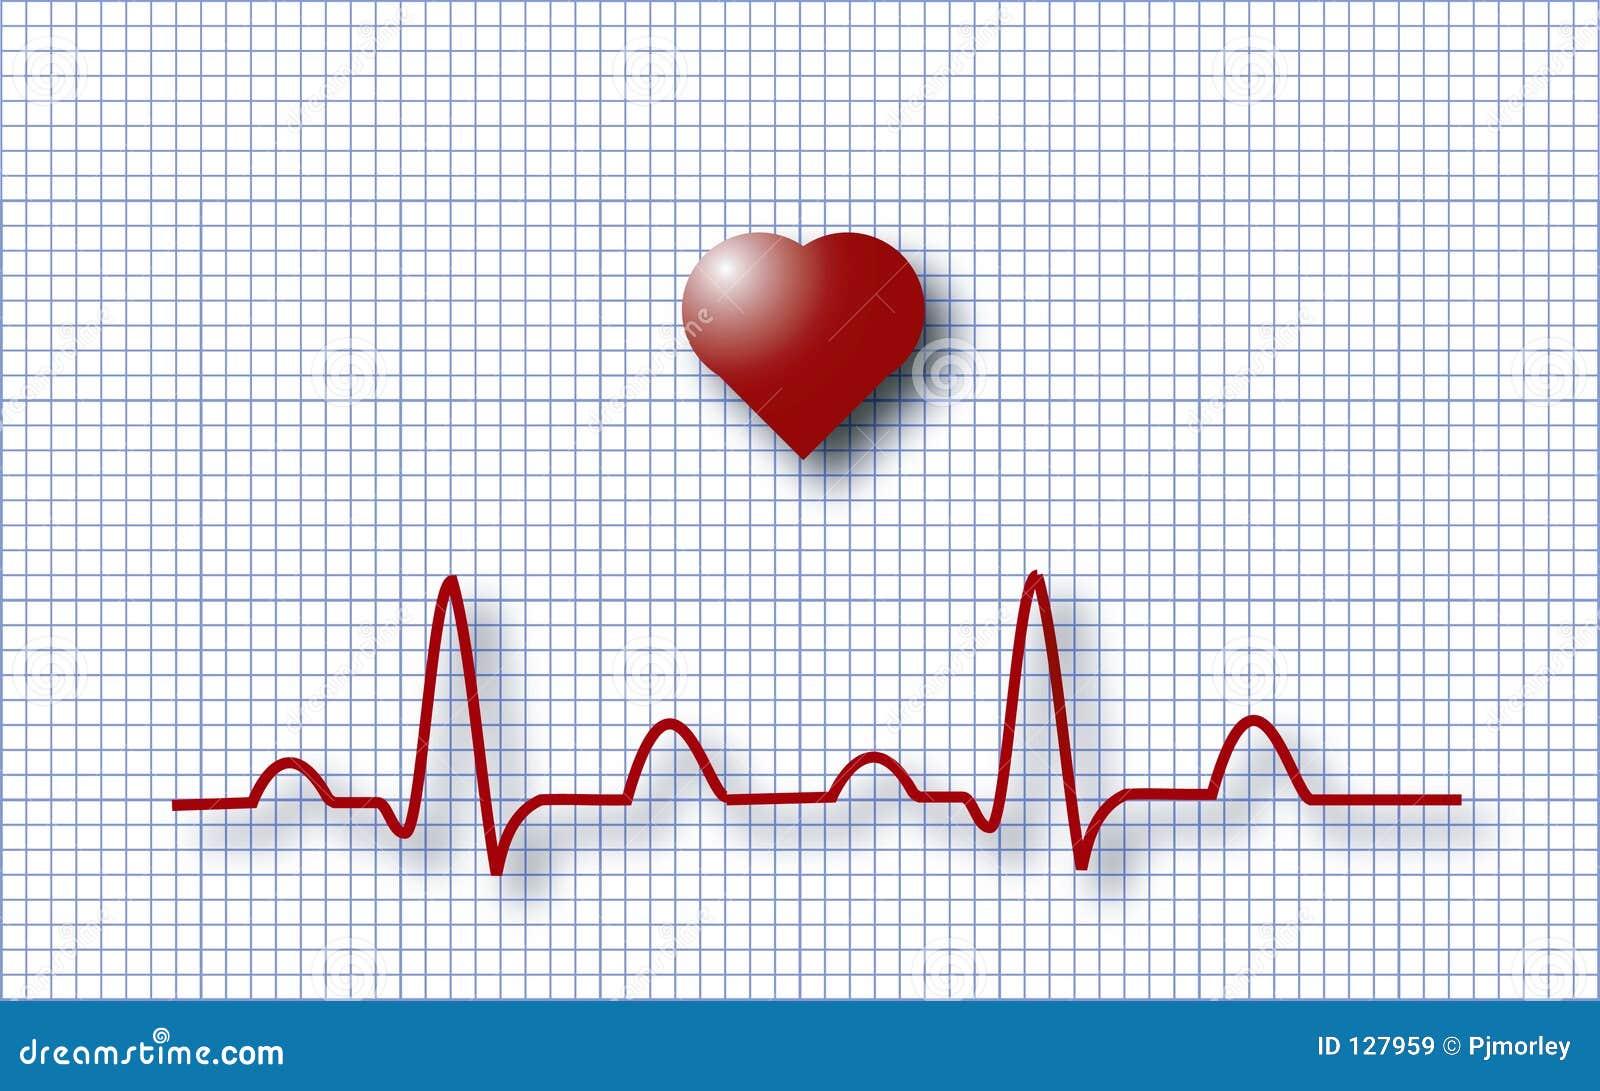 ECG EKG Royalty Free Stock Images - Image: 127959